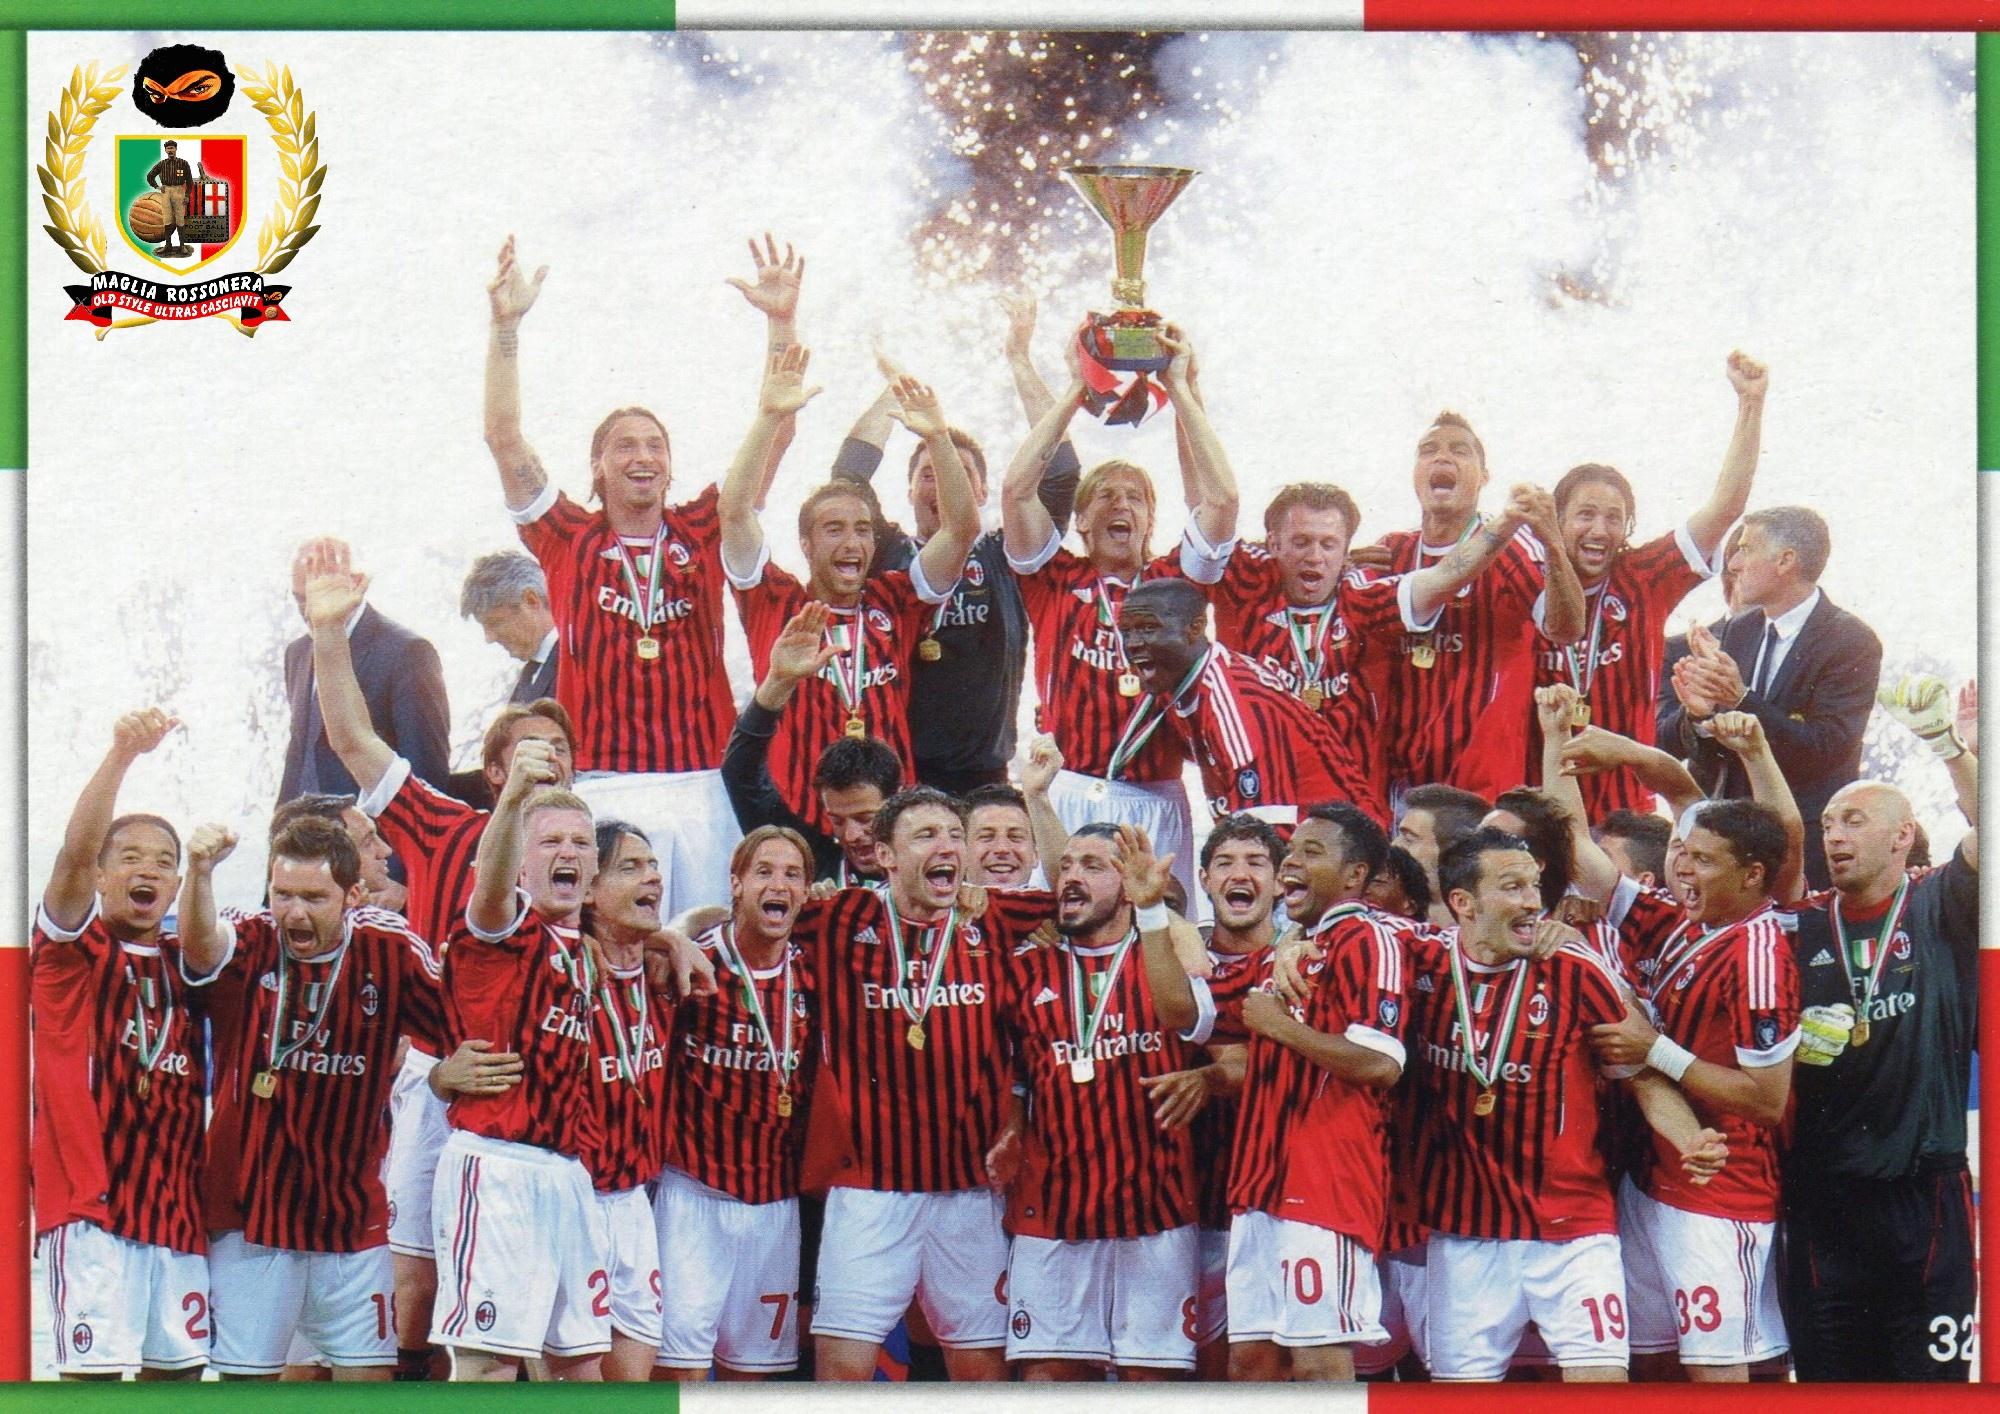 Lo scudetto del Milan 2010 2011